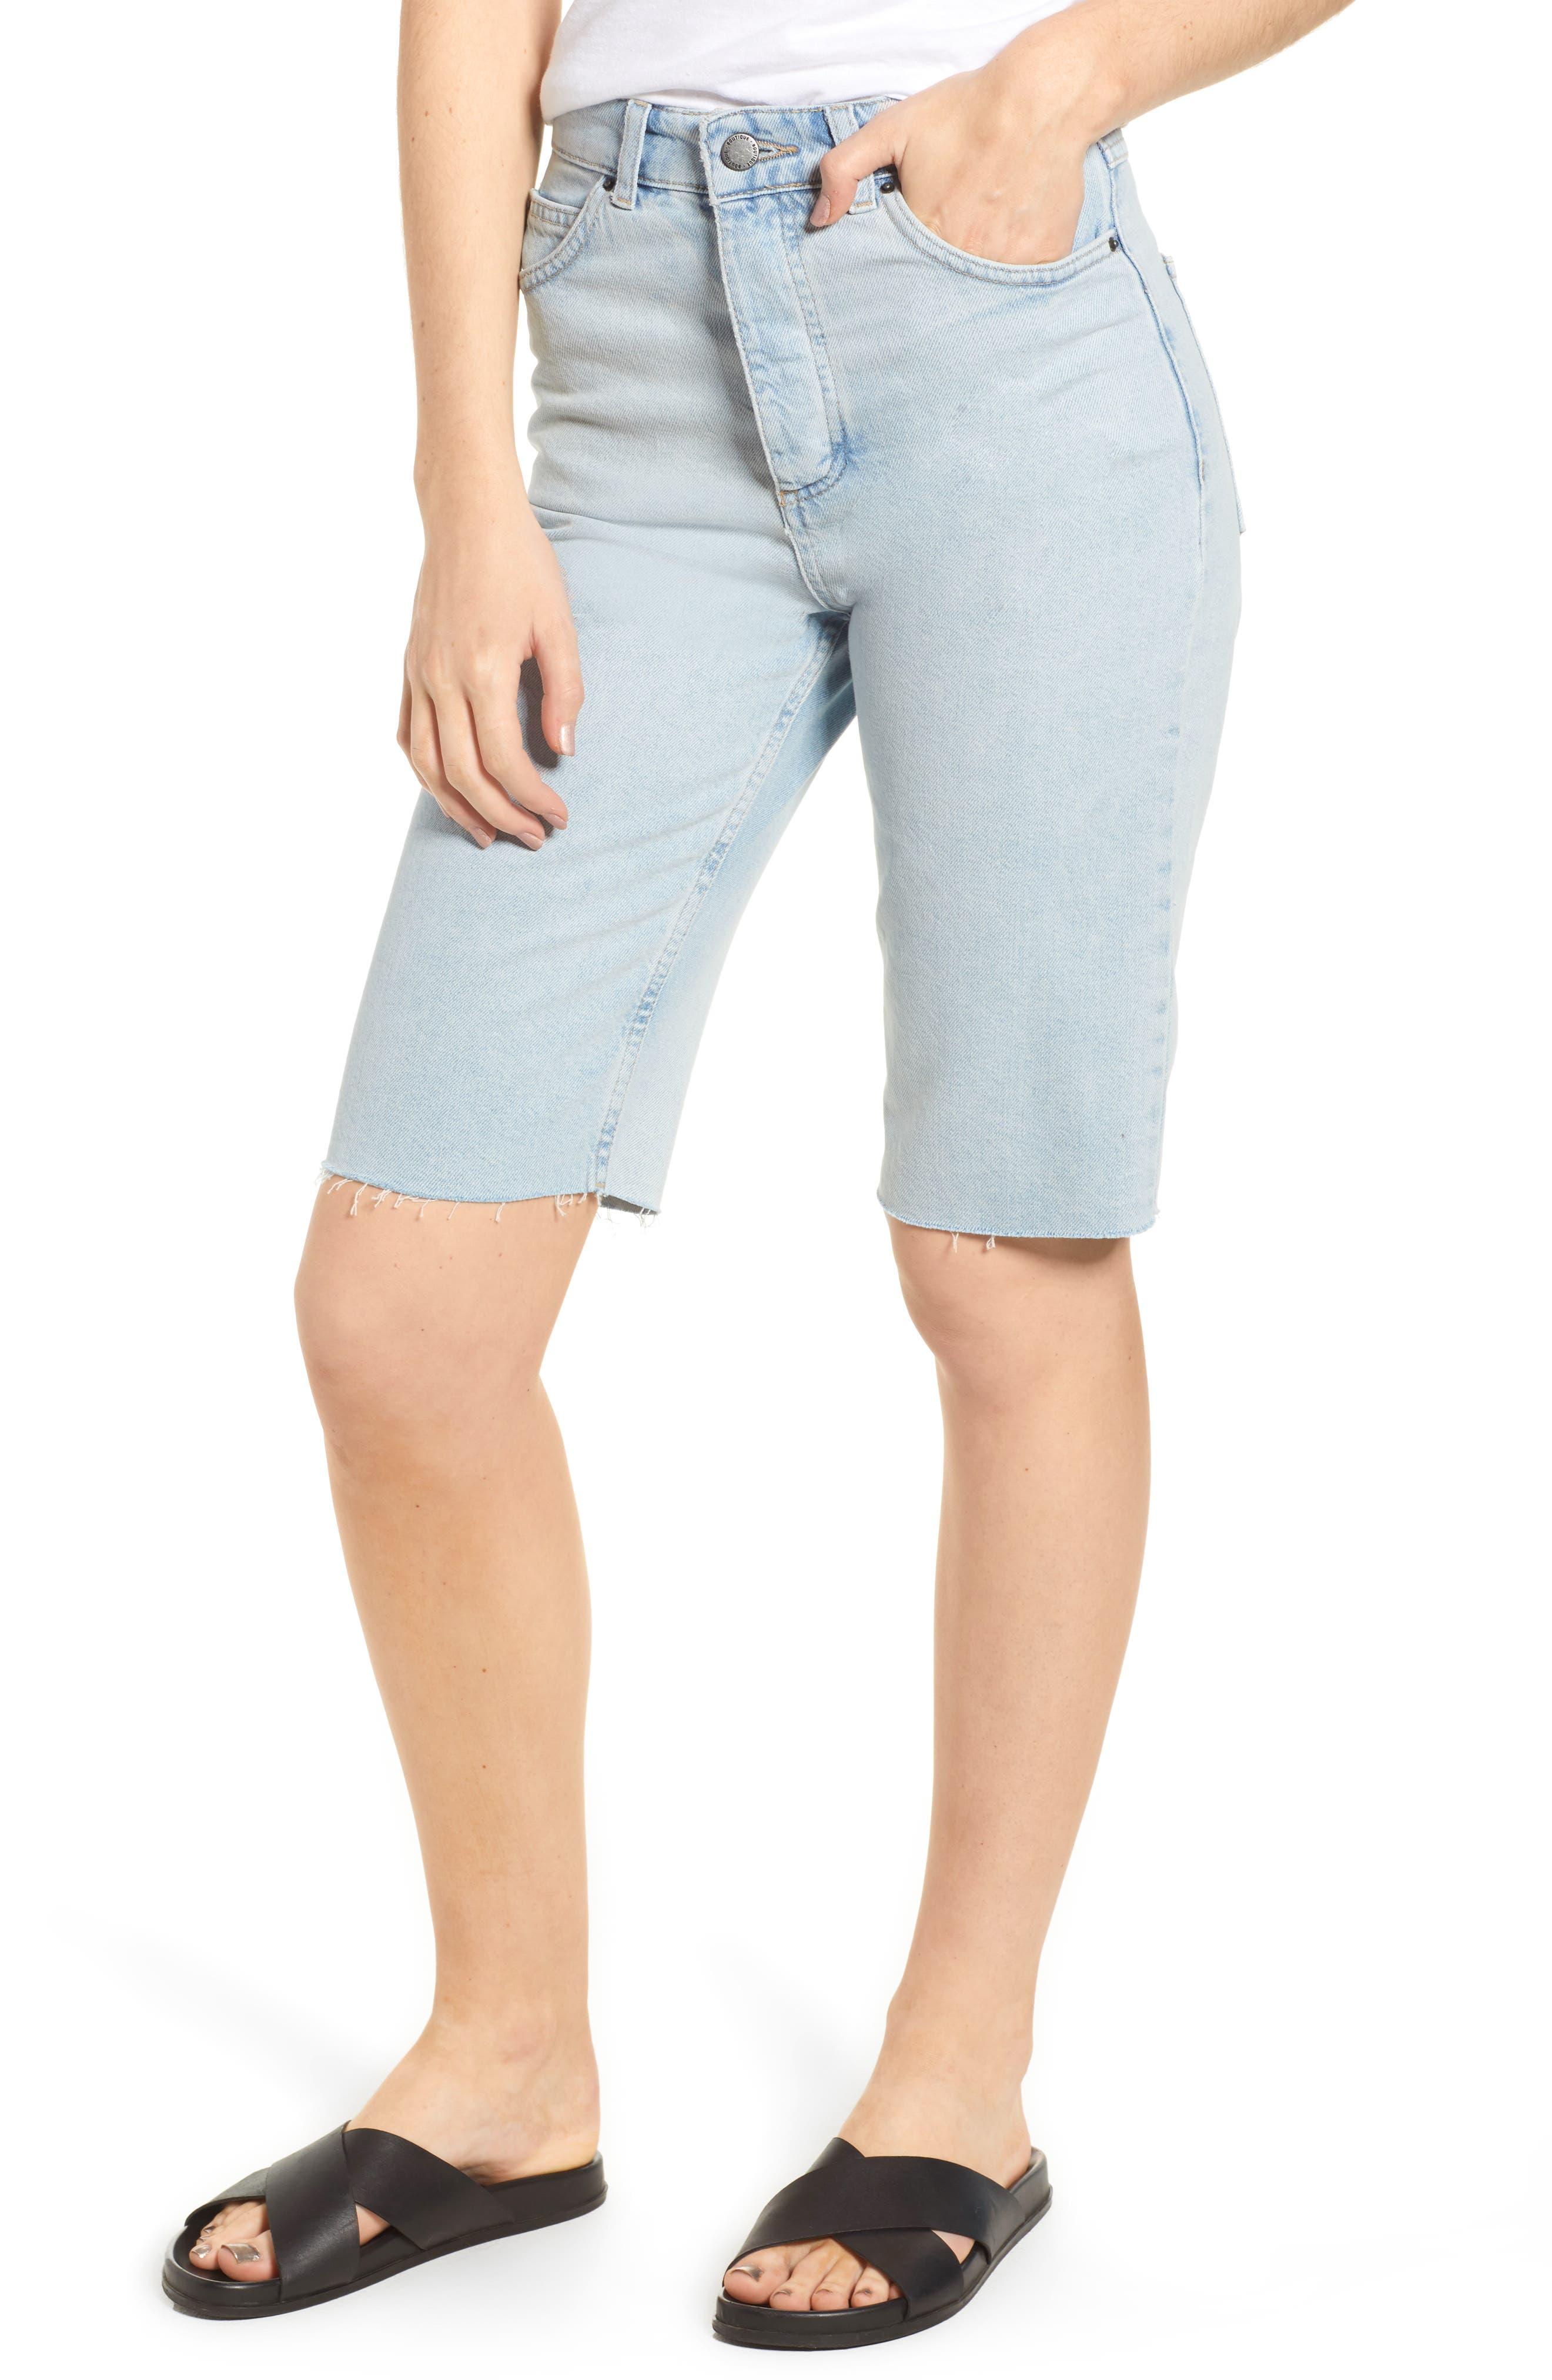 Bleach Denim Board Shorts,                             Main thumbnail 1, color,                             420